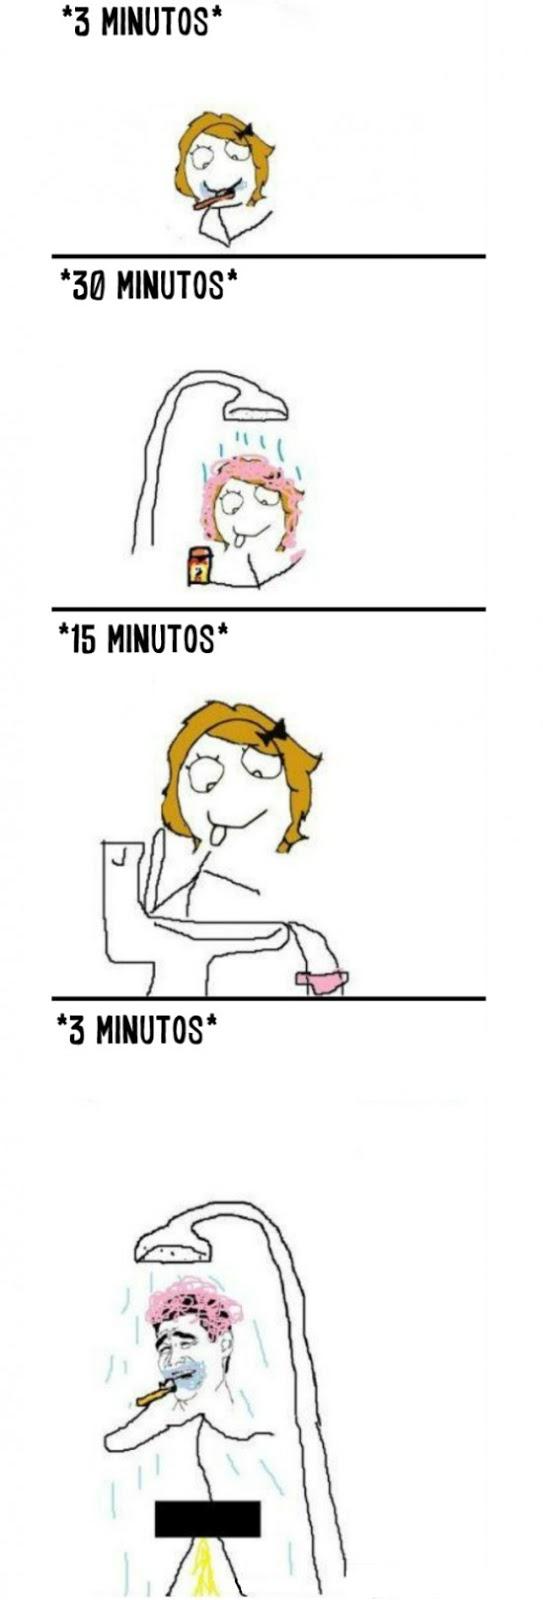 como se bañan hombres y mujeres